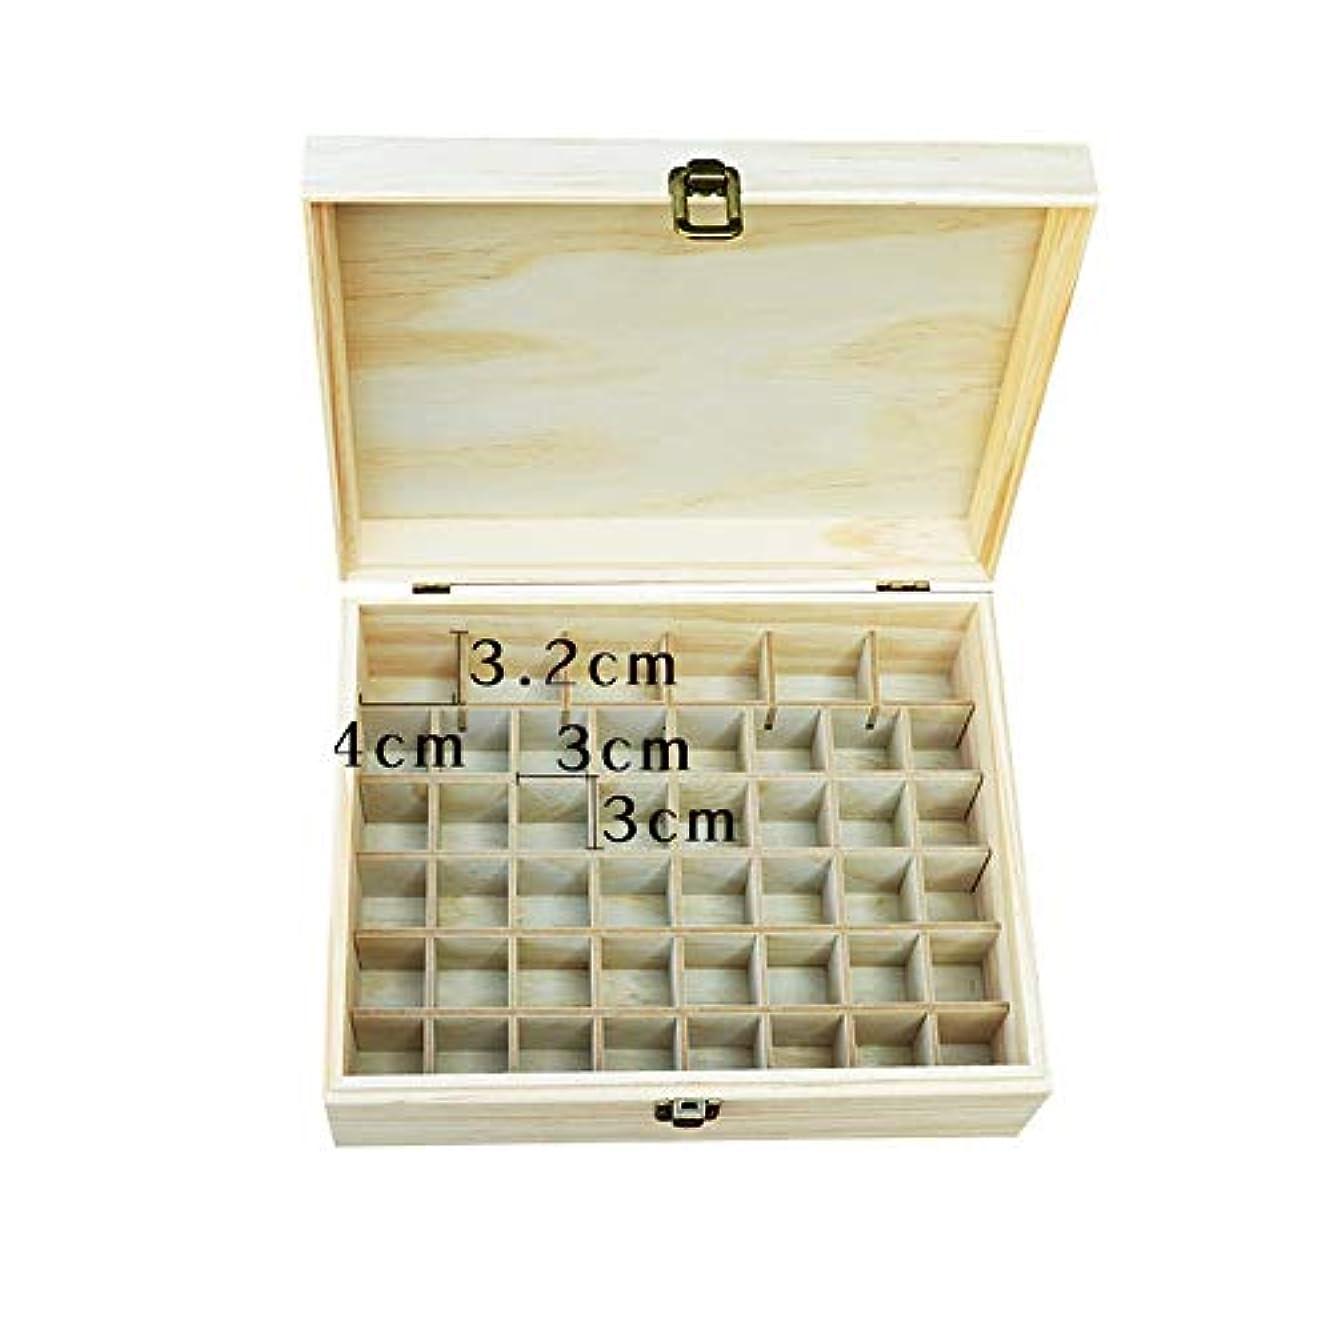 研磨立派な背の高いエッセンシャルオイル収納ボックス 大46ボトル木製のエッセンシャルオイルストレージボックス (色 : Natural, サイズ : 22.2X10.2X8.2CM)